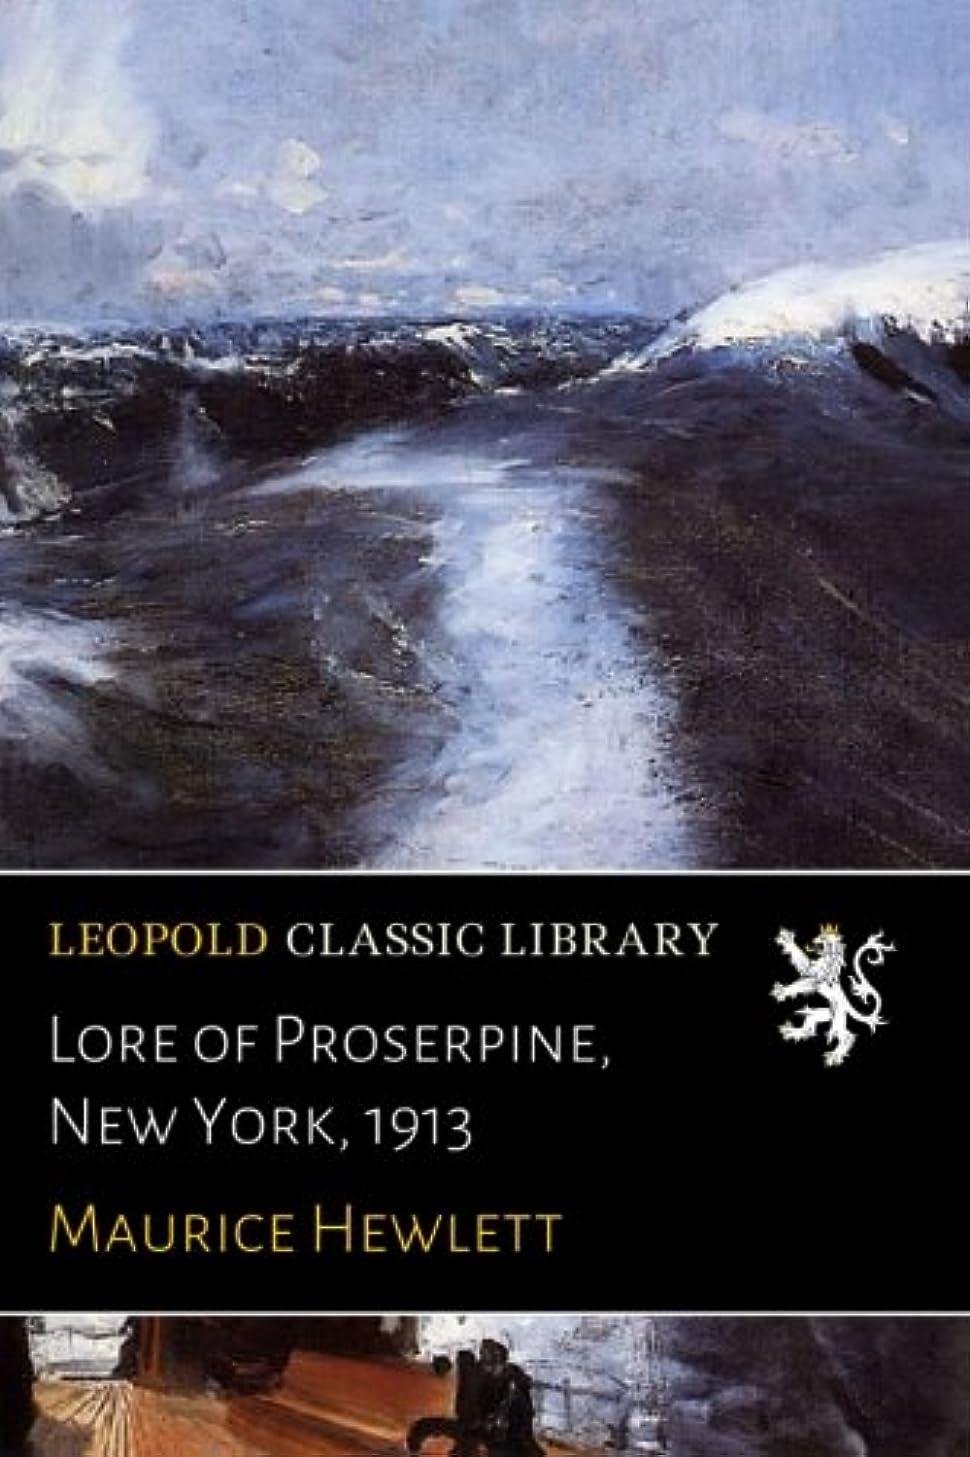 補償二度読みやすいLore of Proserpine, New York, 1913